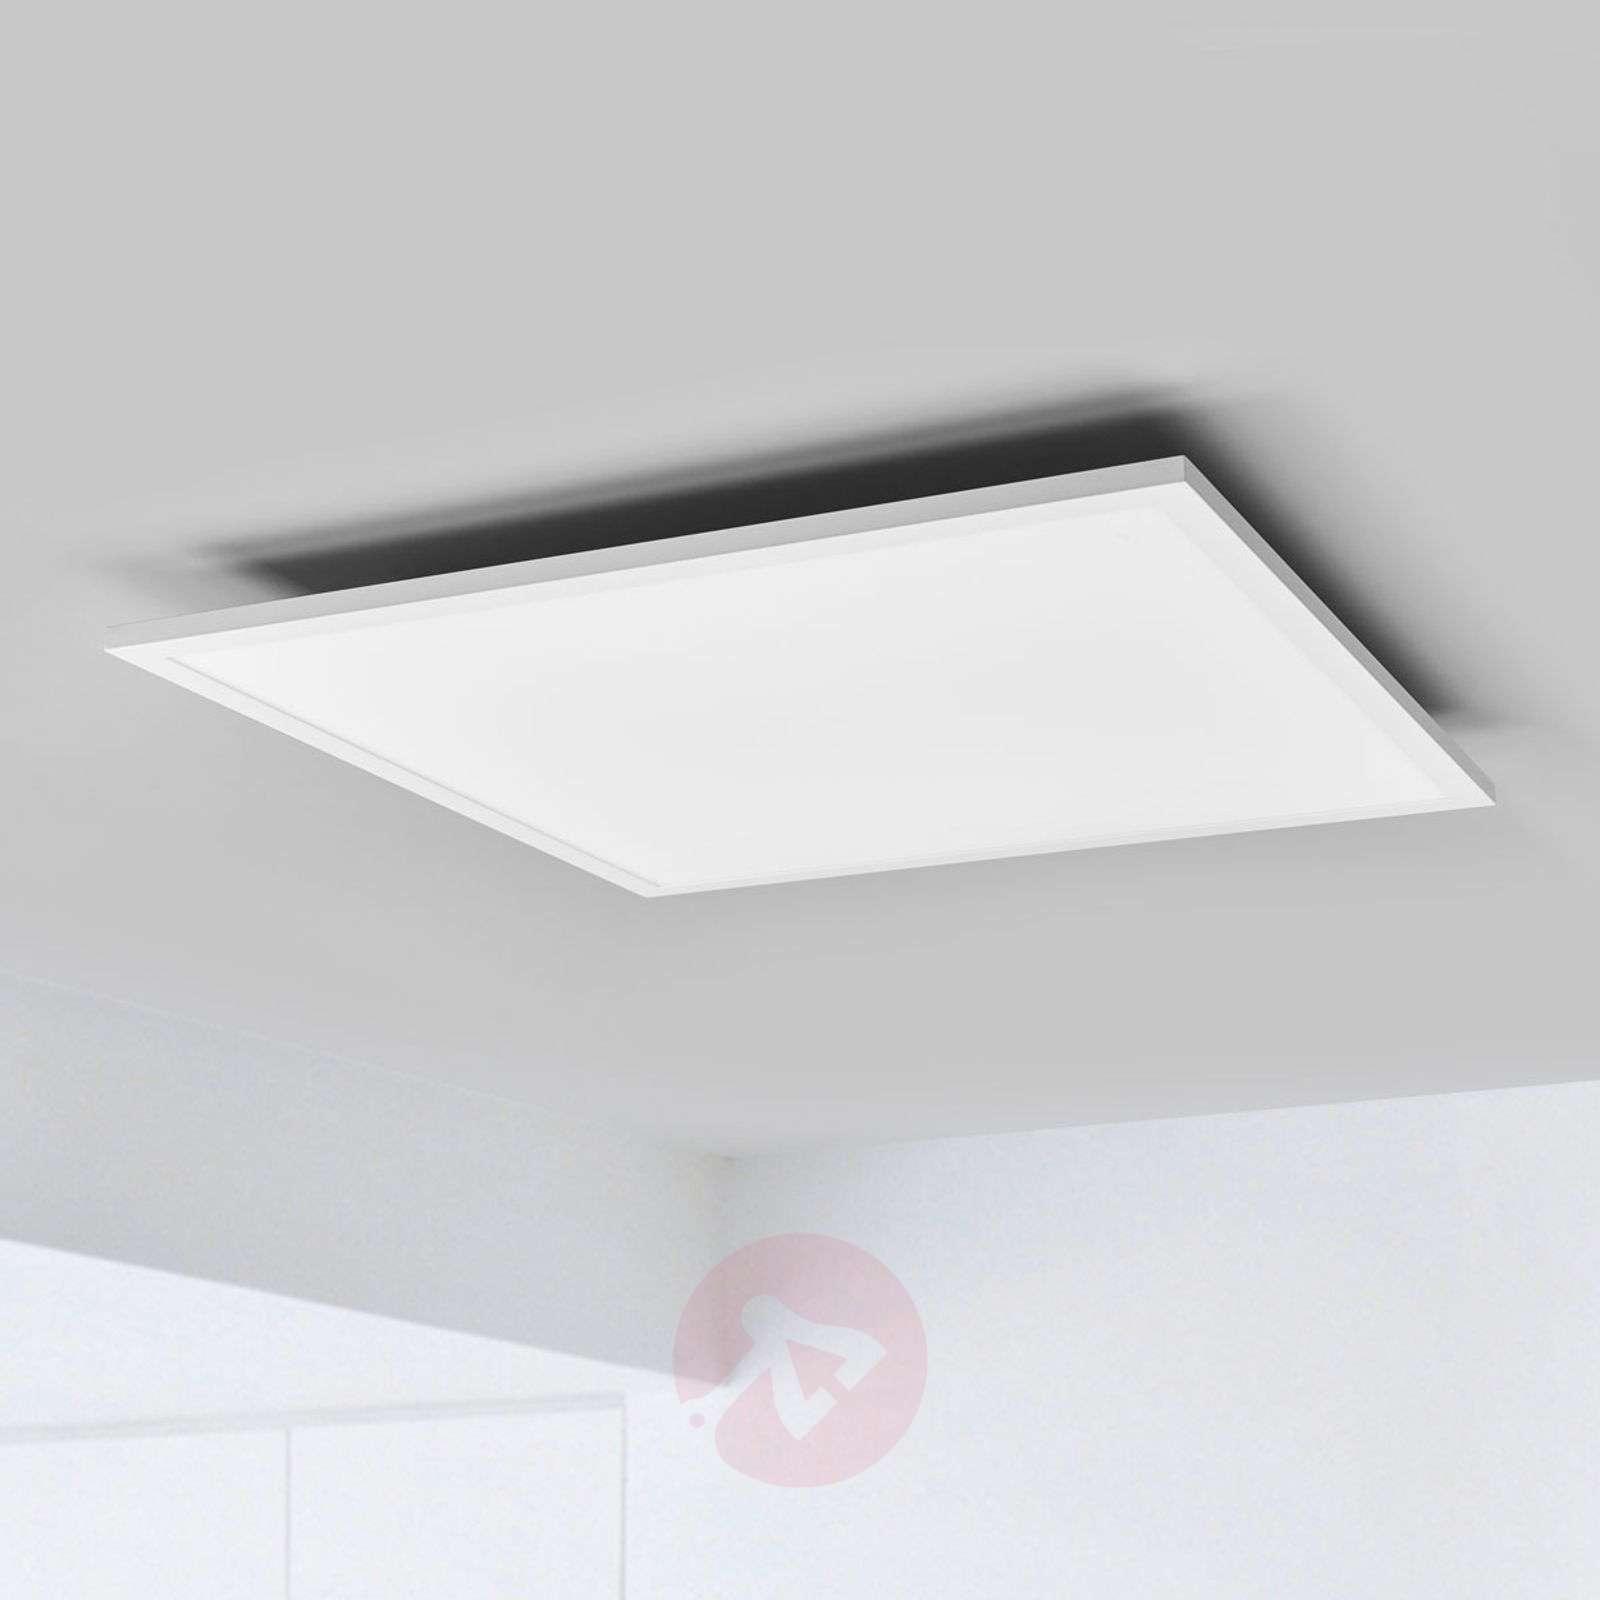 RGB-LED-paneeli Milian kaukosäätimellä, 62 cm-7620029-02